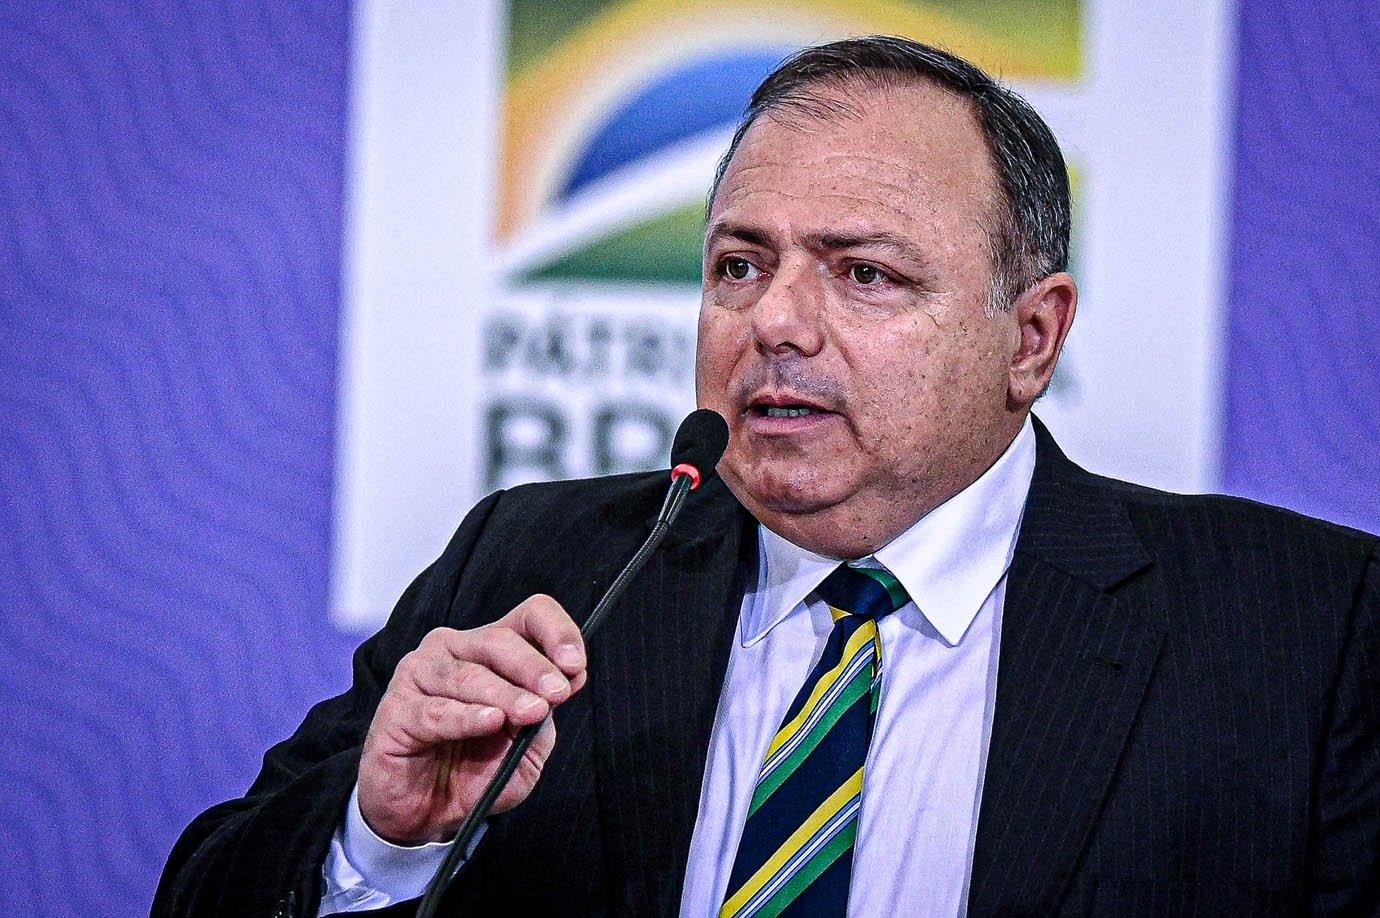 O ministro da Saúde do Brasil, Eduardo Pazuello, fala durante a cerimônia de lançamento do Plano Nacional de Operacionalização da Vacinação contra COVID-19 no Palácio do Planalto, em Brasília, Brasil, na quarta-feira, 16 de dezembro de 2020. (Foto de Andre Borges / NurPhoto via Getty Images)